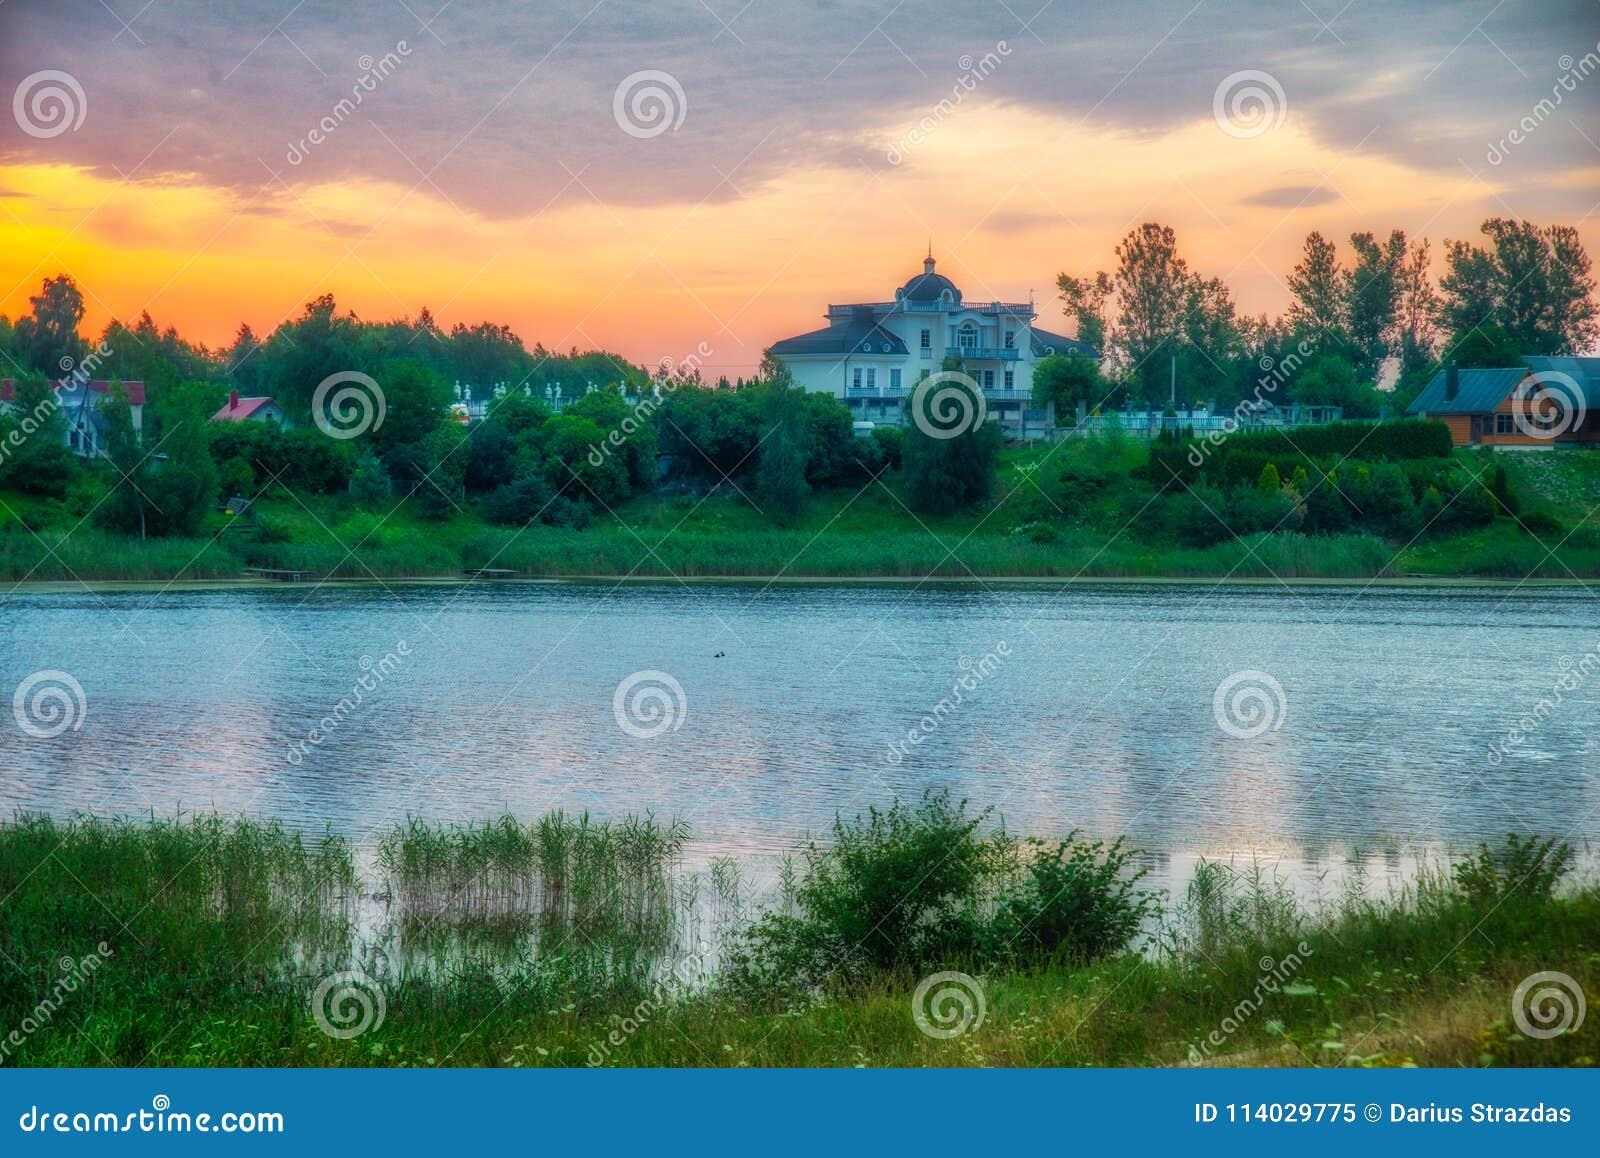 Sunrise near lake in summer